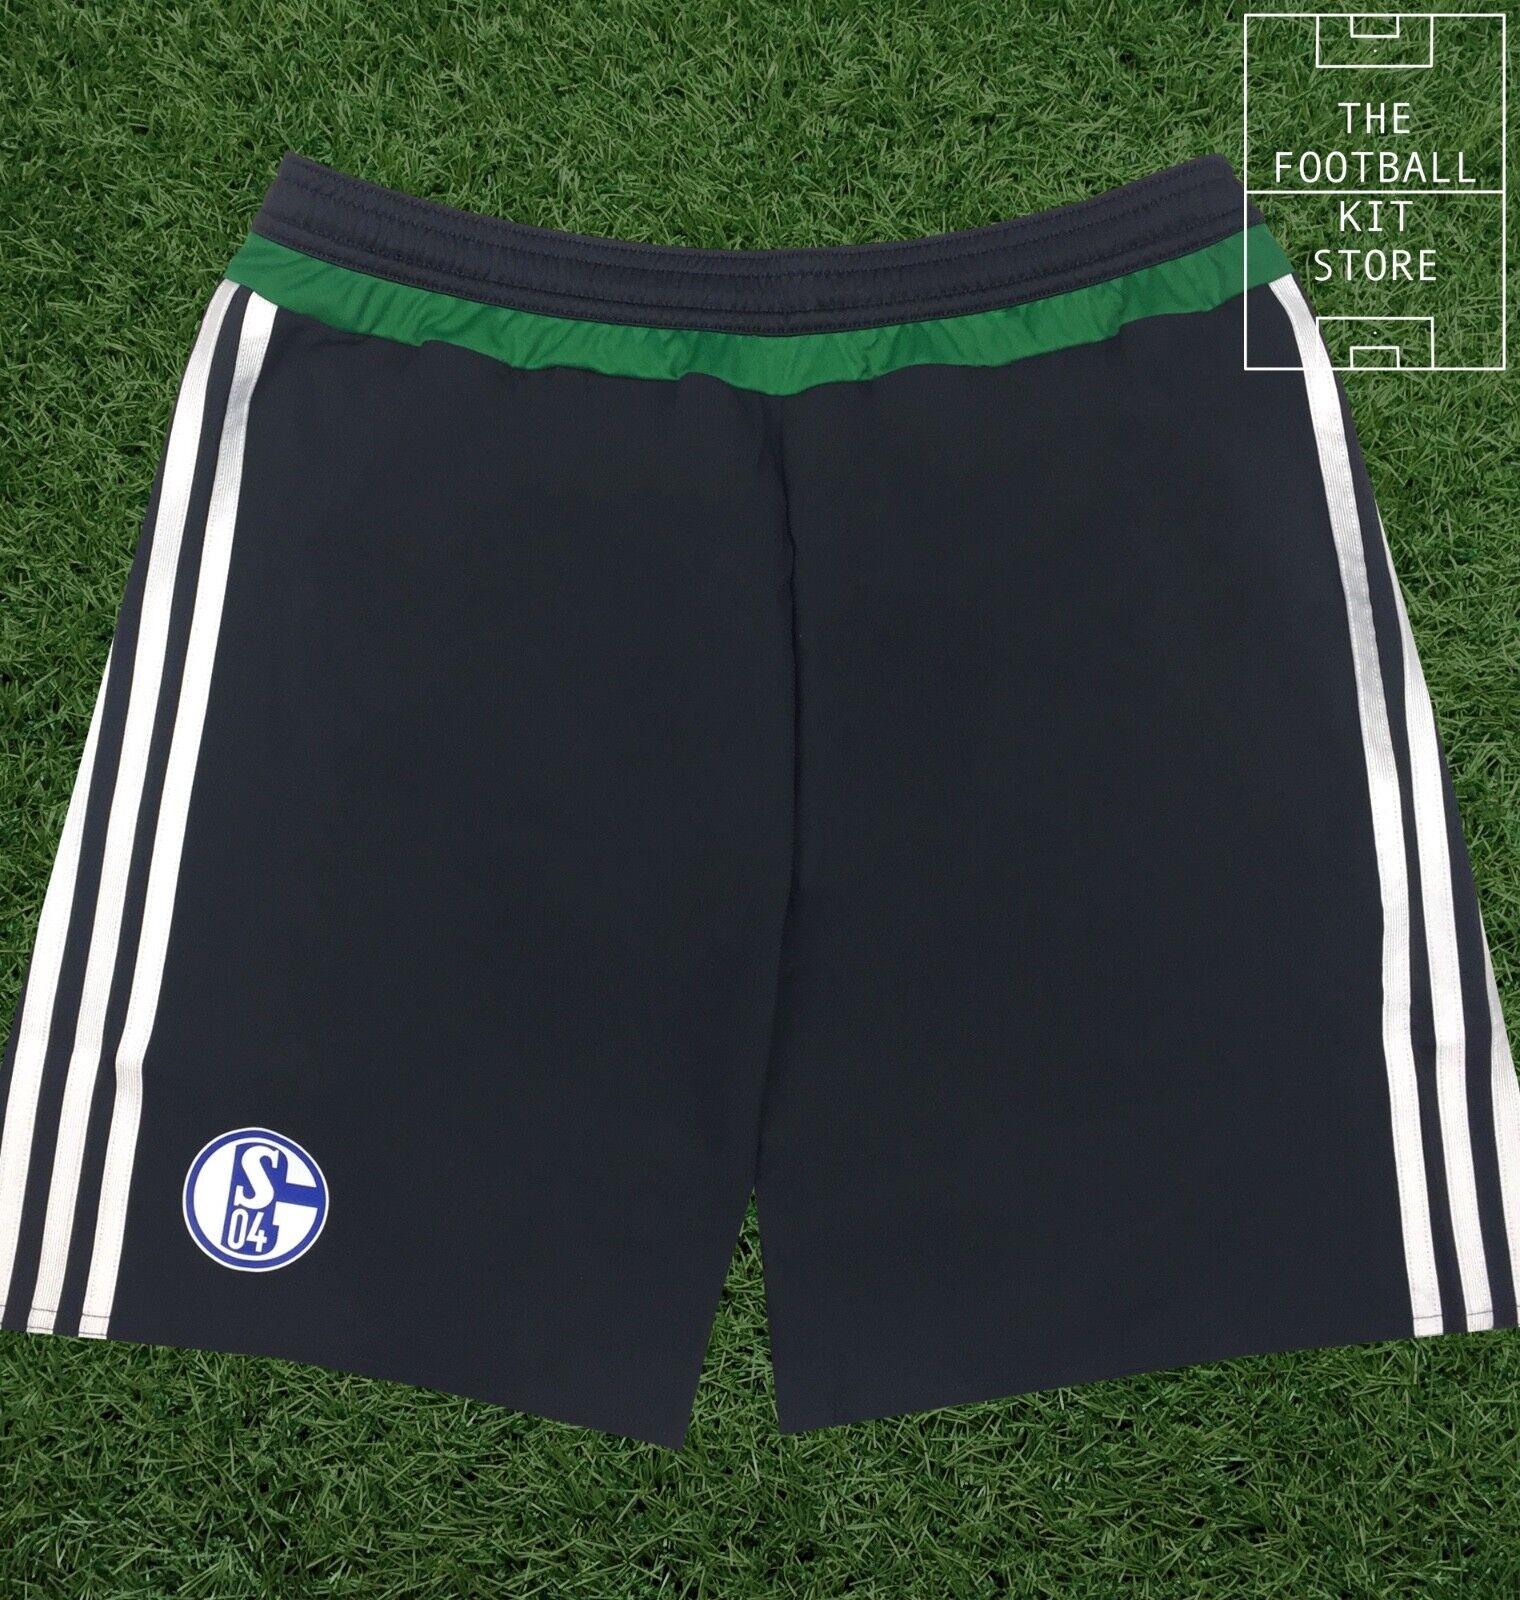 Schalke Third Σορτς - adidas Mens S04 adizero Σορτς ποδοσφαίρου - όλα τα μΡγέθη